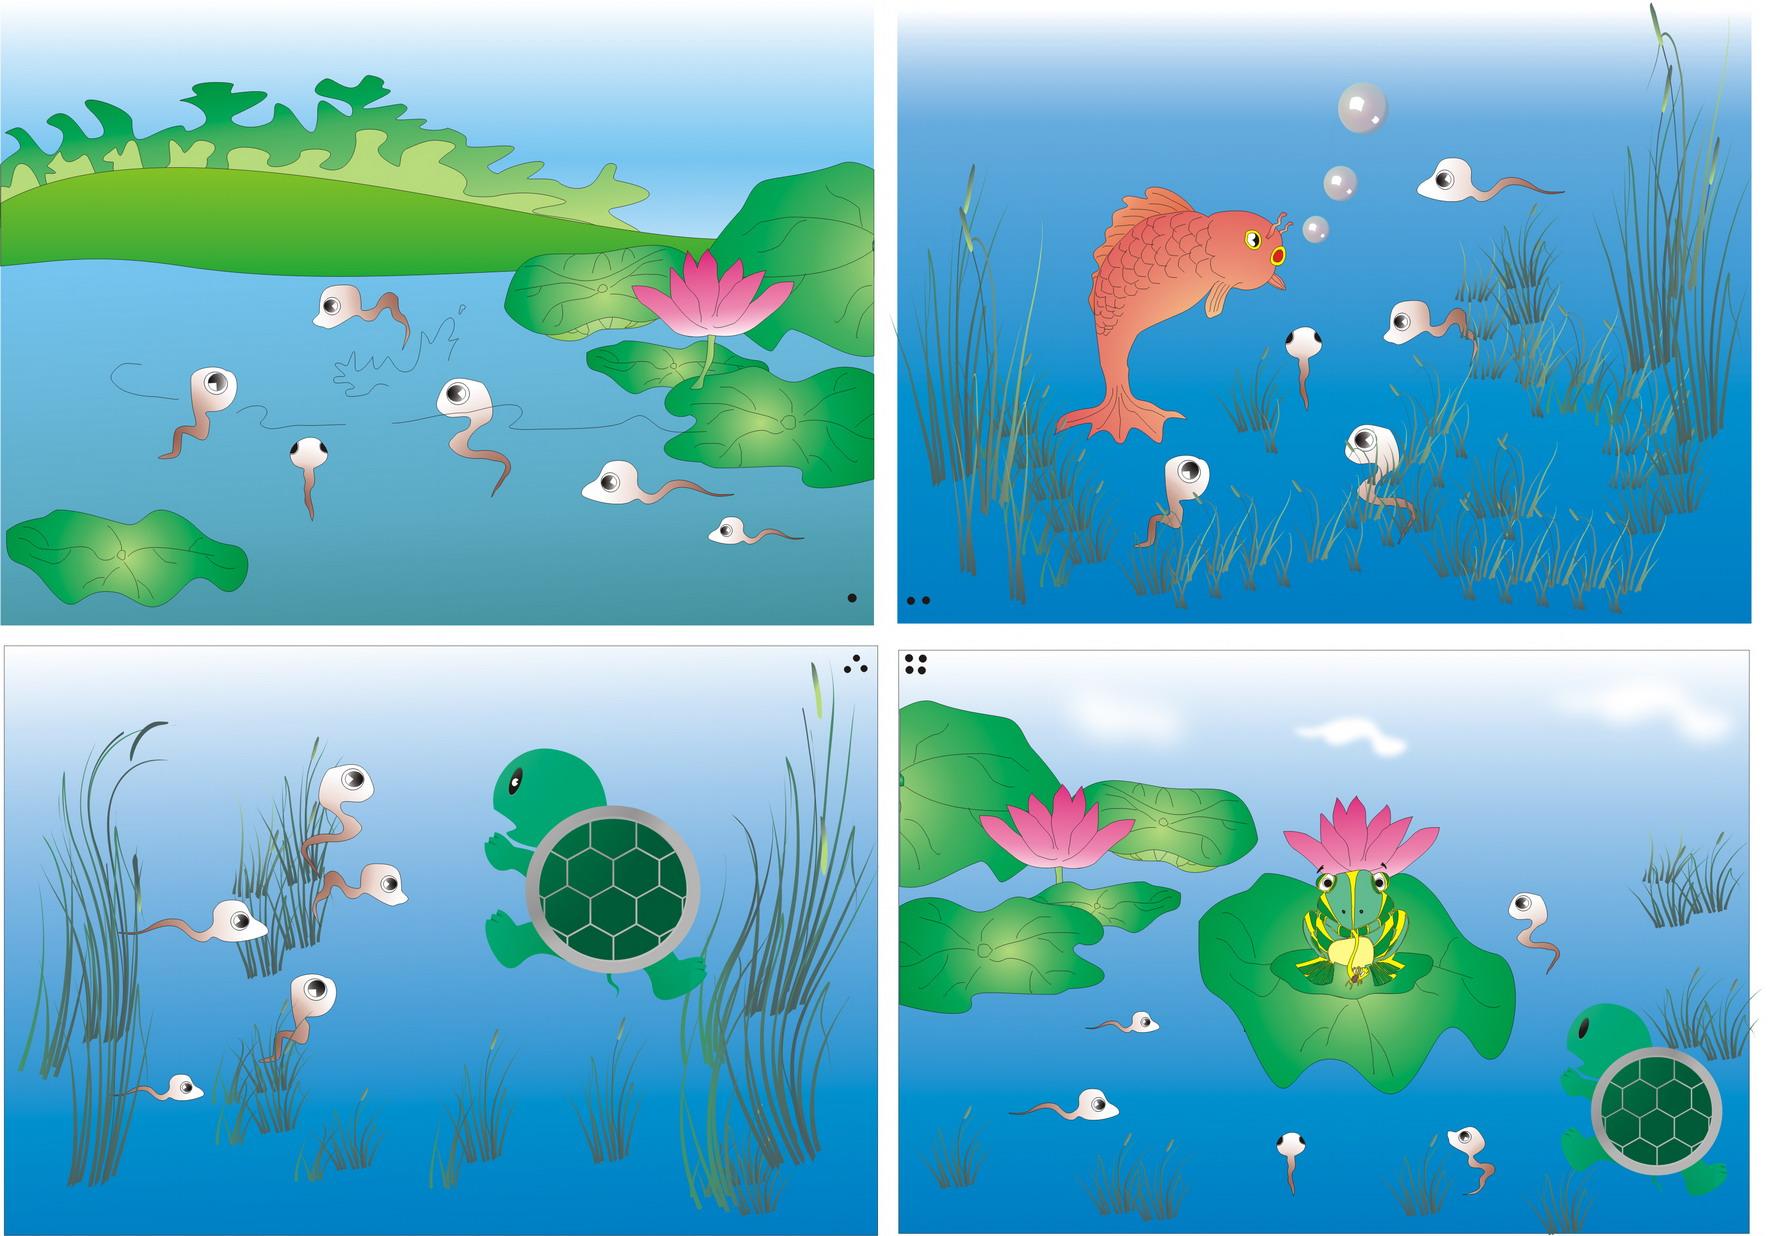 小蝌蚪变青蛙大全图片内容小蝌蚪变青蛙大全图片图片